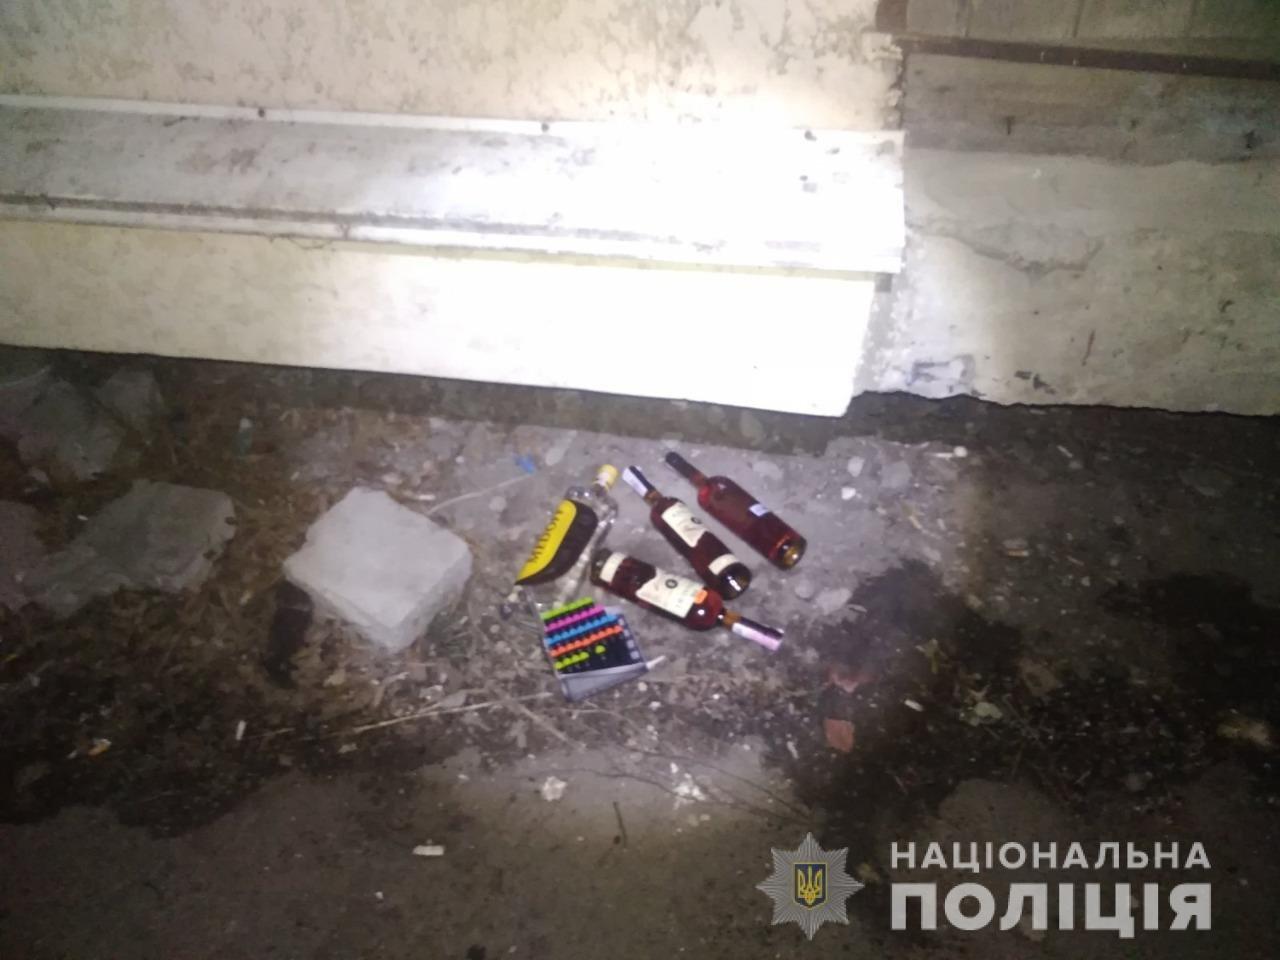 Винесли спиртне і платіжні картки: на Лозівщині підлітків підозрюють у крадіжці з магазину, фото-2